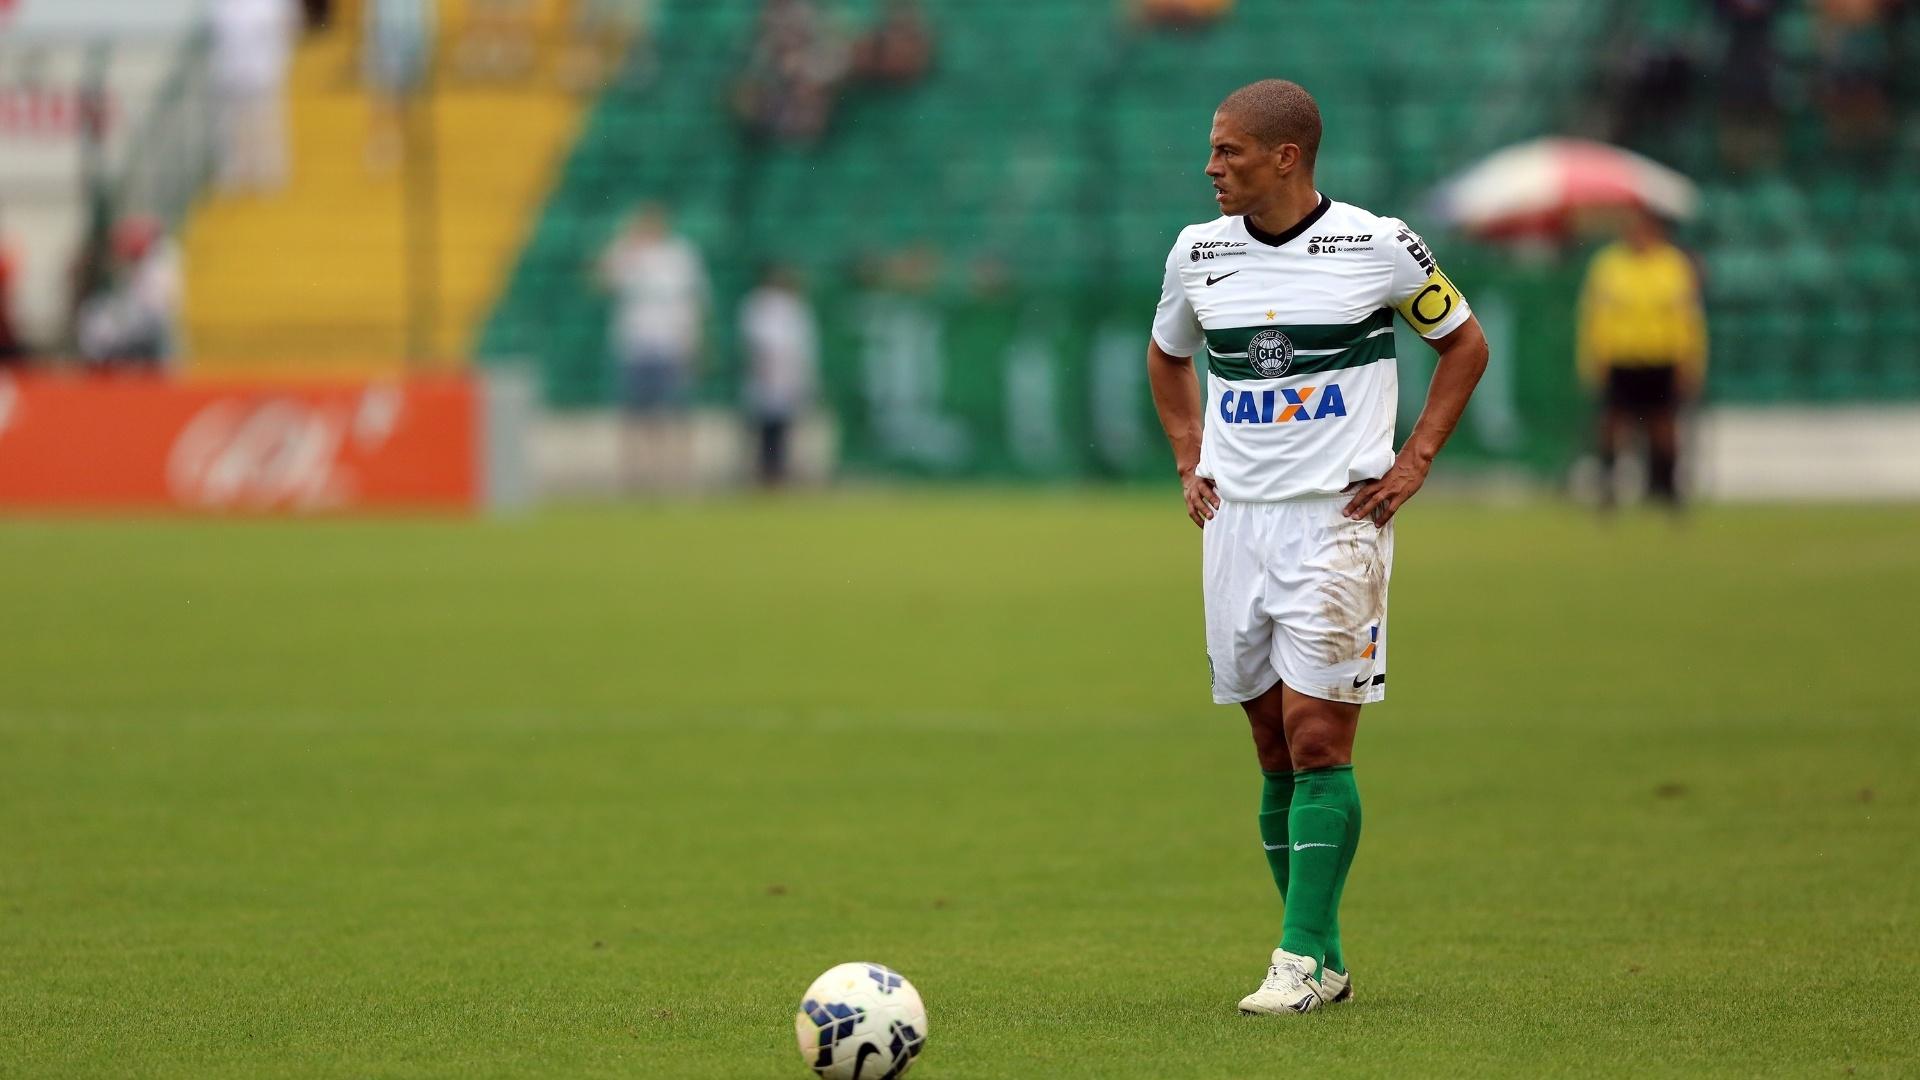 Alex se prepara para cobrança de falta durante partida entre Coritiba e Figueirense pelo Brasileiro